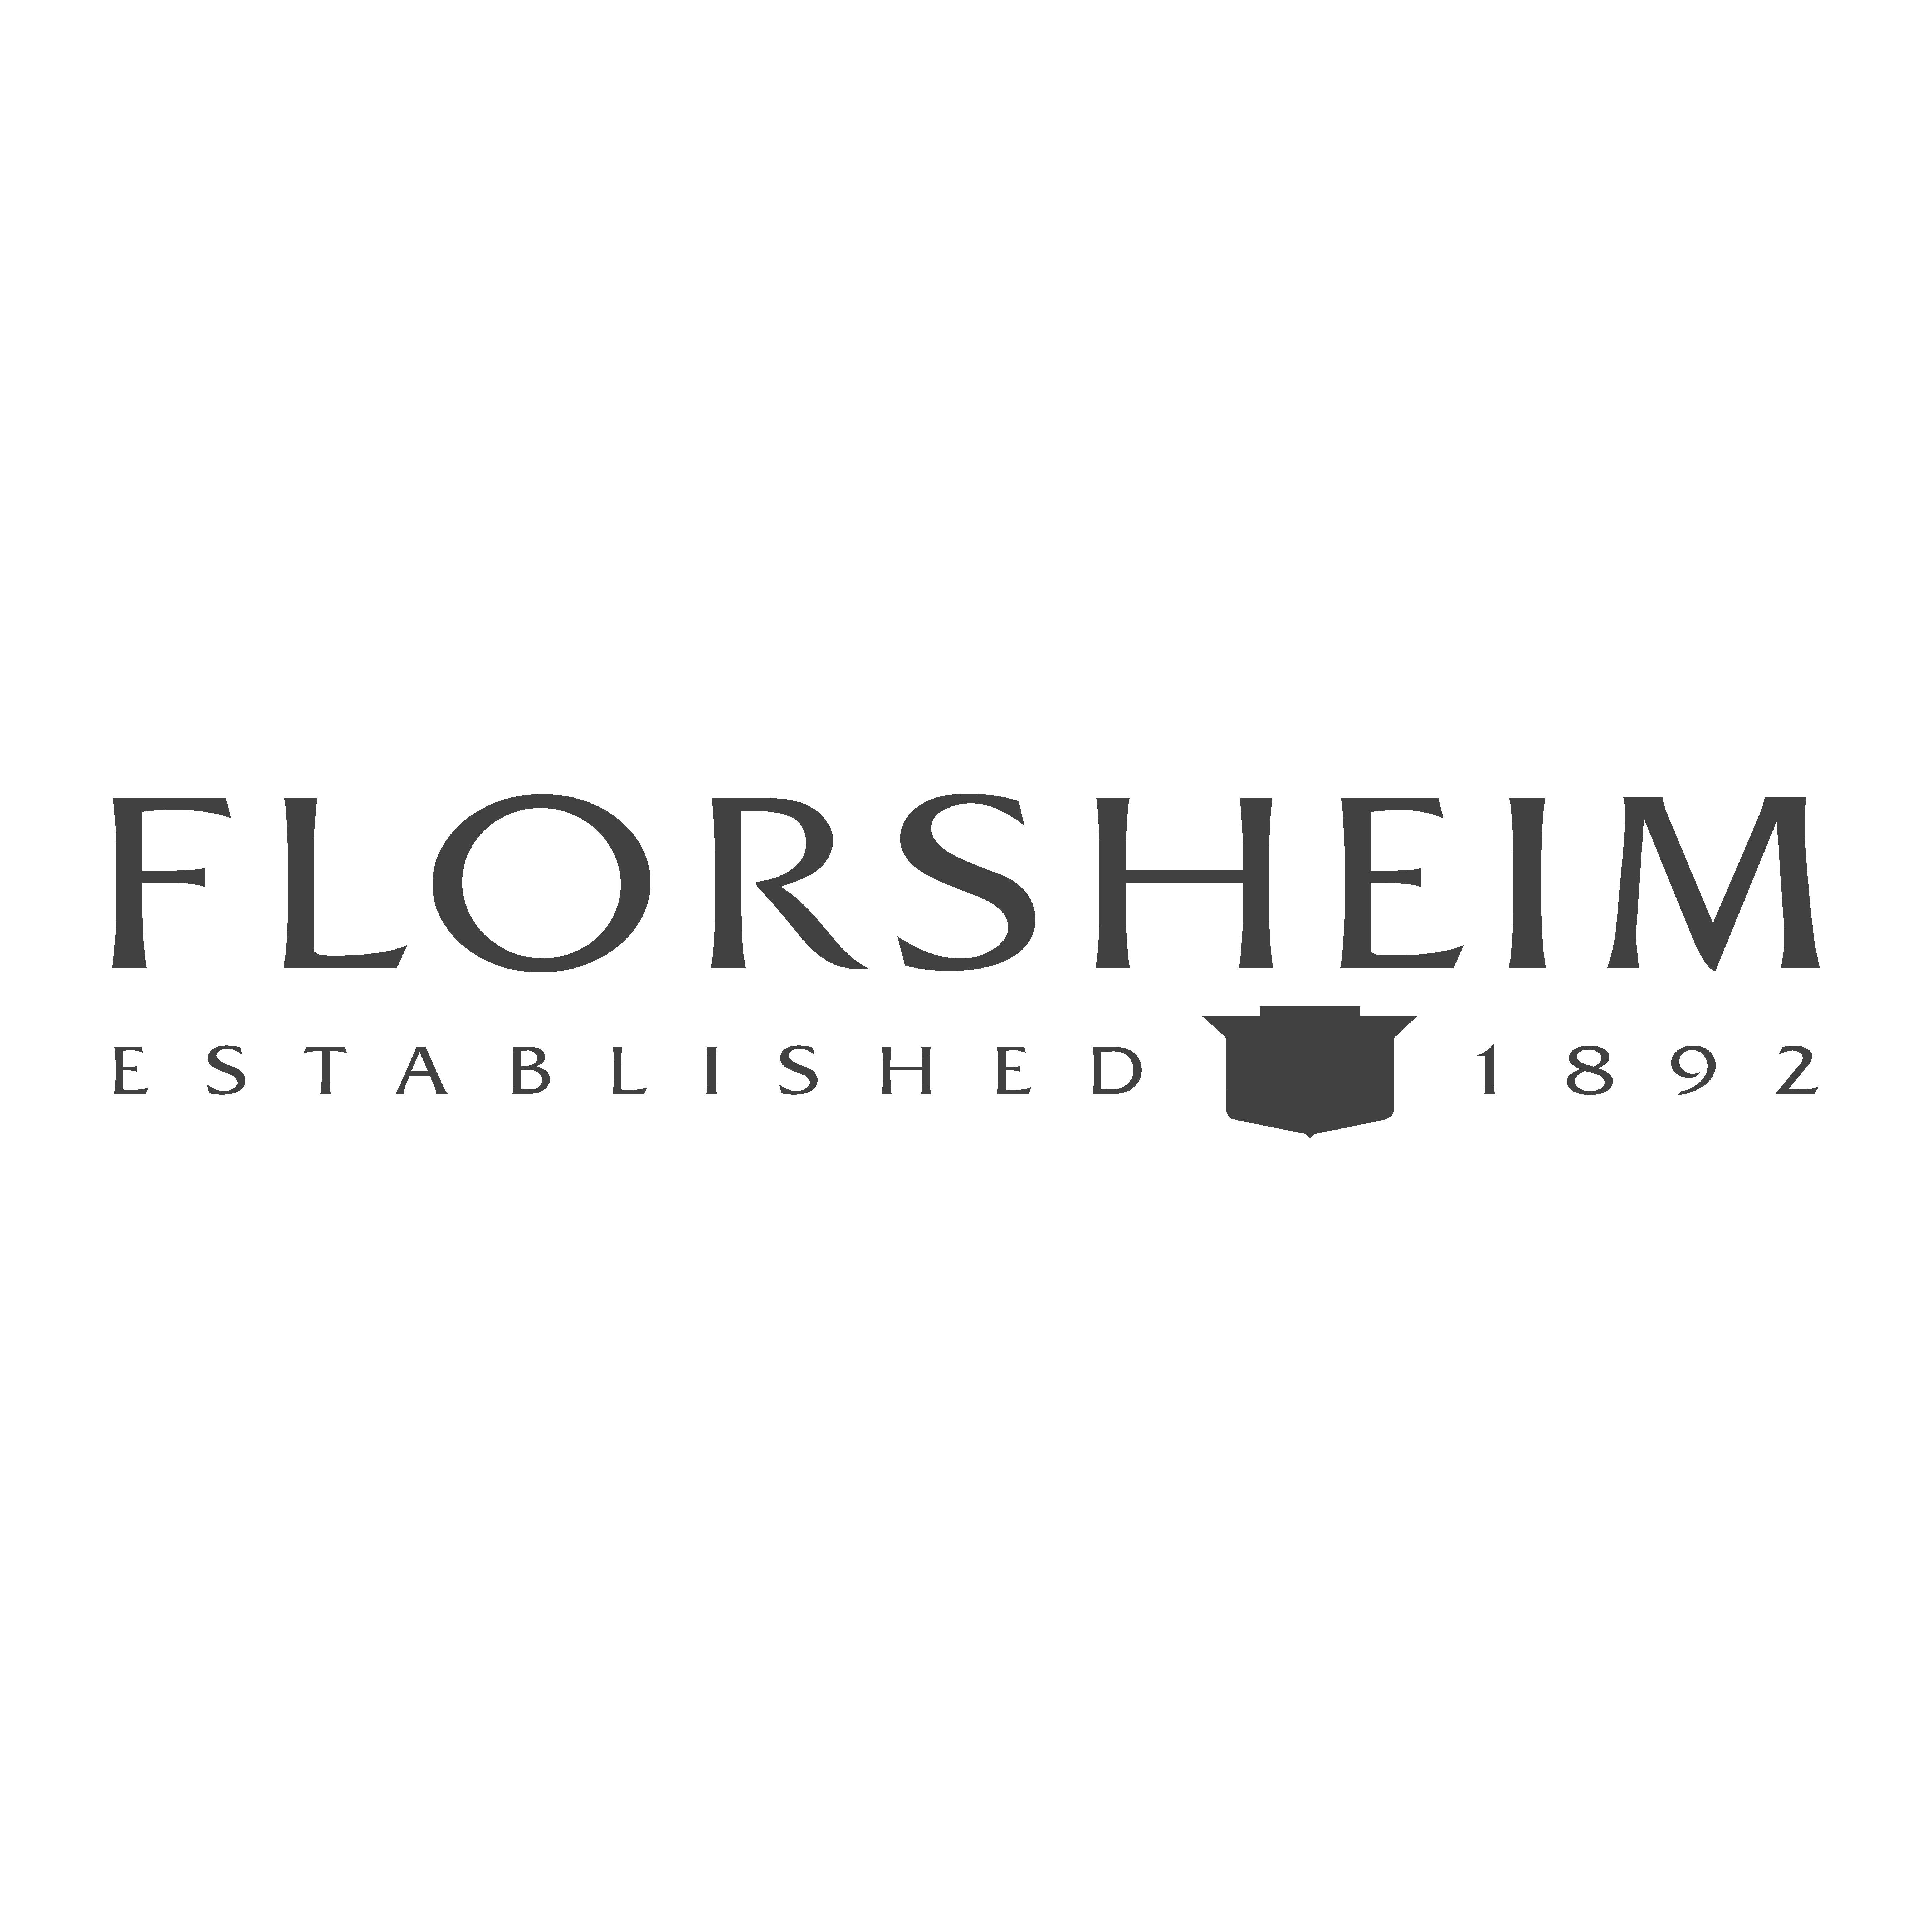 florsheim-logo-01